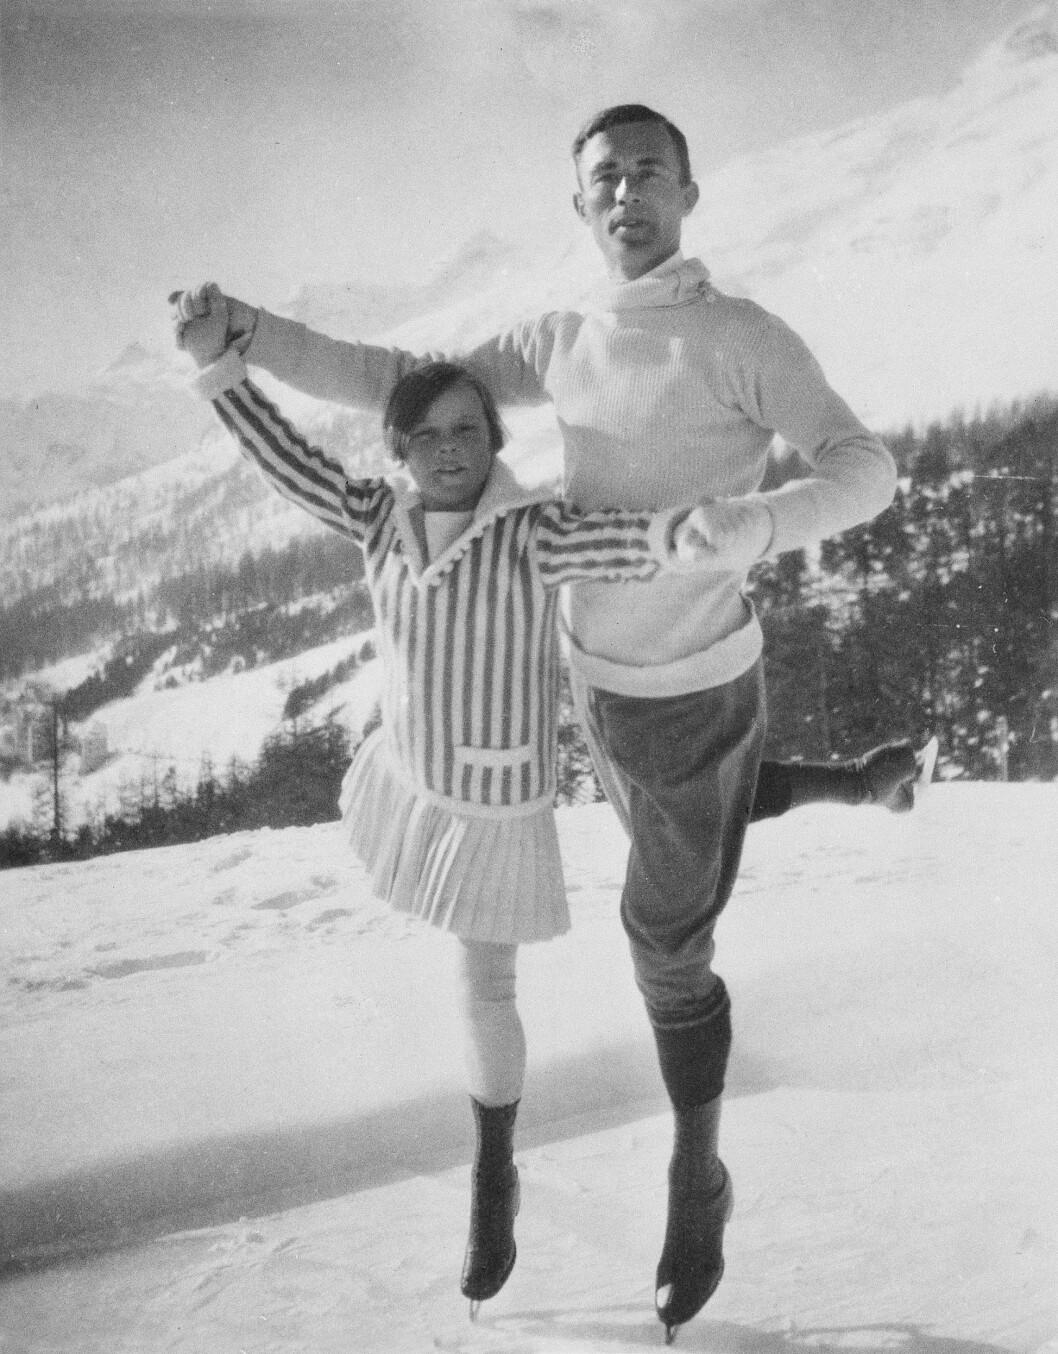 <strong>UNGE SONJA:</strong> 11 år gamle Sonja Henie og den svenske kunstløperen Gilles Grafström fotografert under OL i Chamonix i Frankrike i 1924. Fire år senere vant hun sitt første OL-gull. FOTO: NTB Scanpix